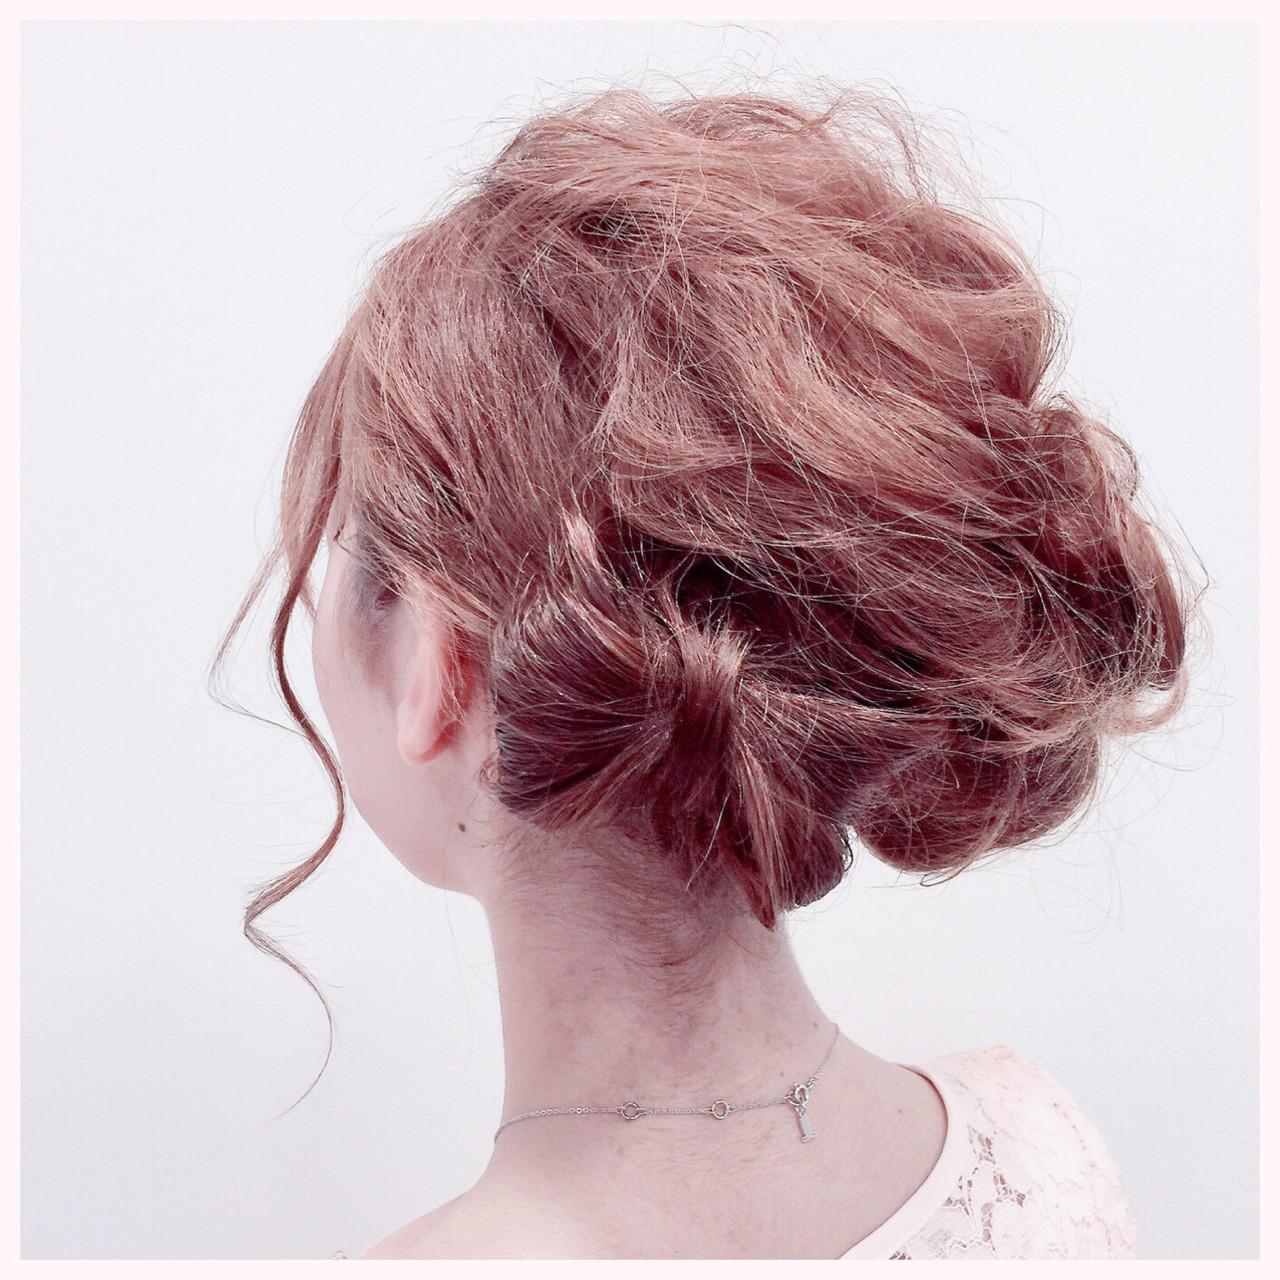 ヘアアレンジ 結婚式 ガーリー 簡単ヘアアレンジ ヘアスタイルや髪型の写真・画像